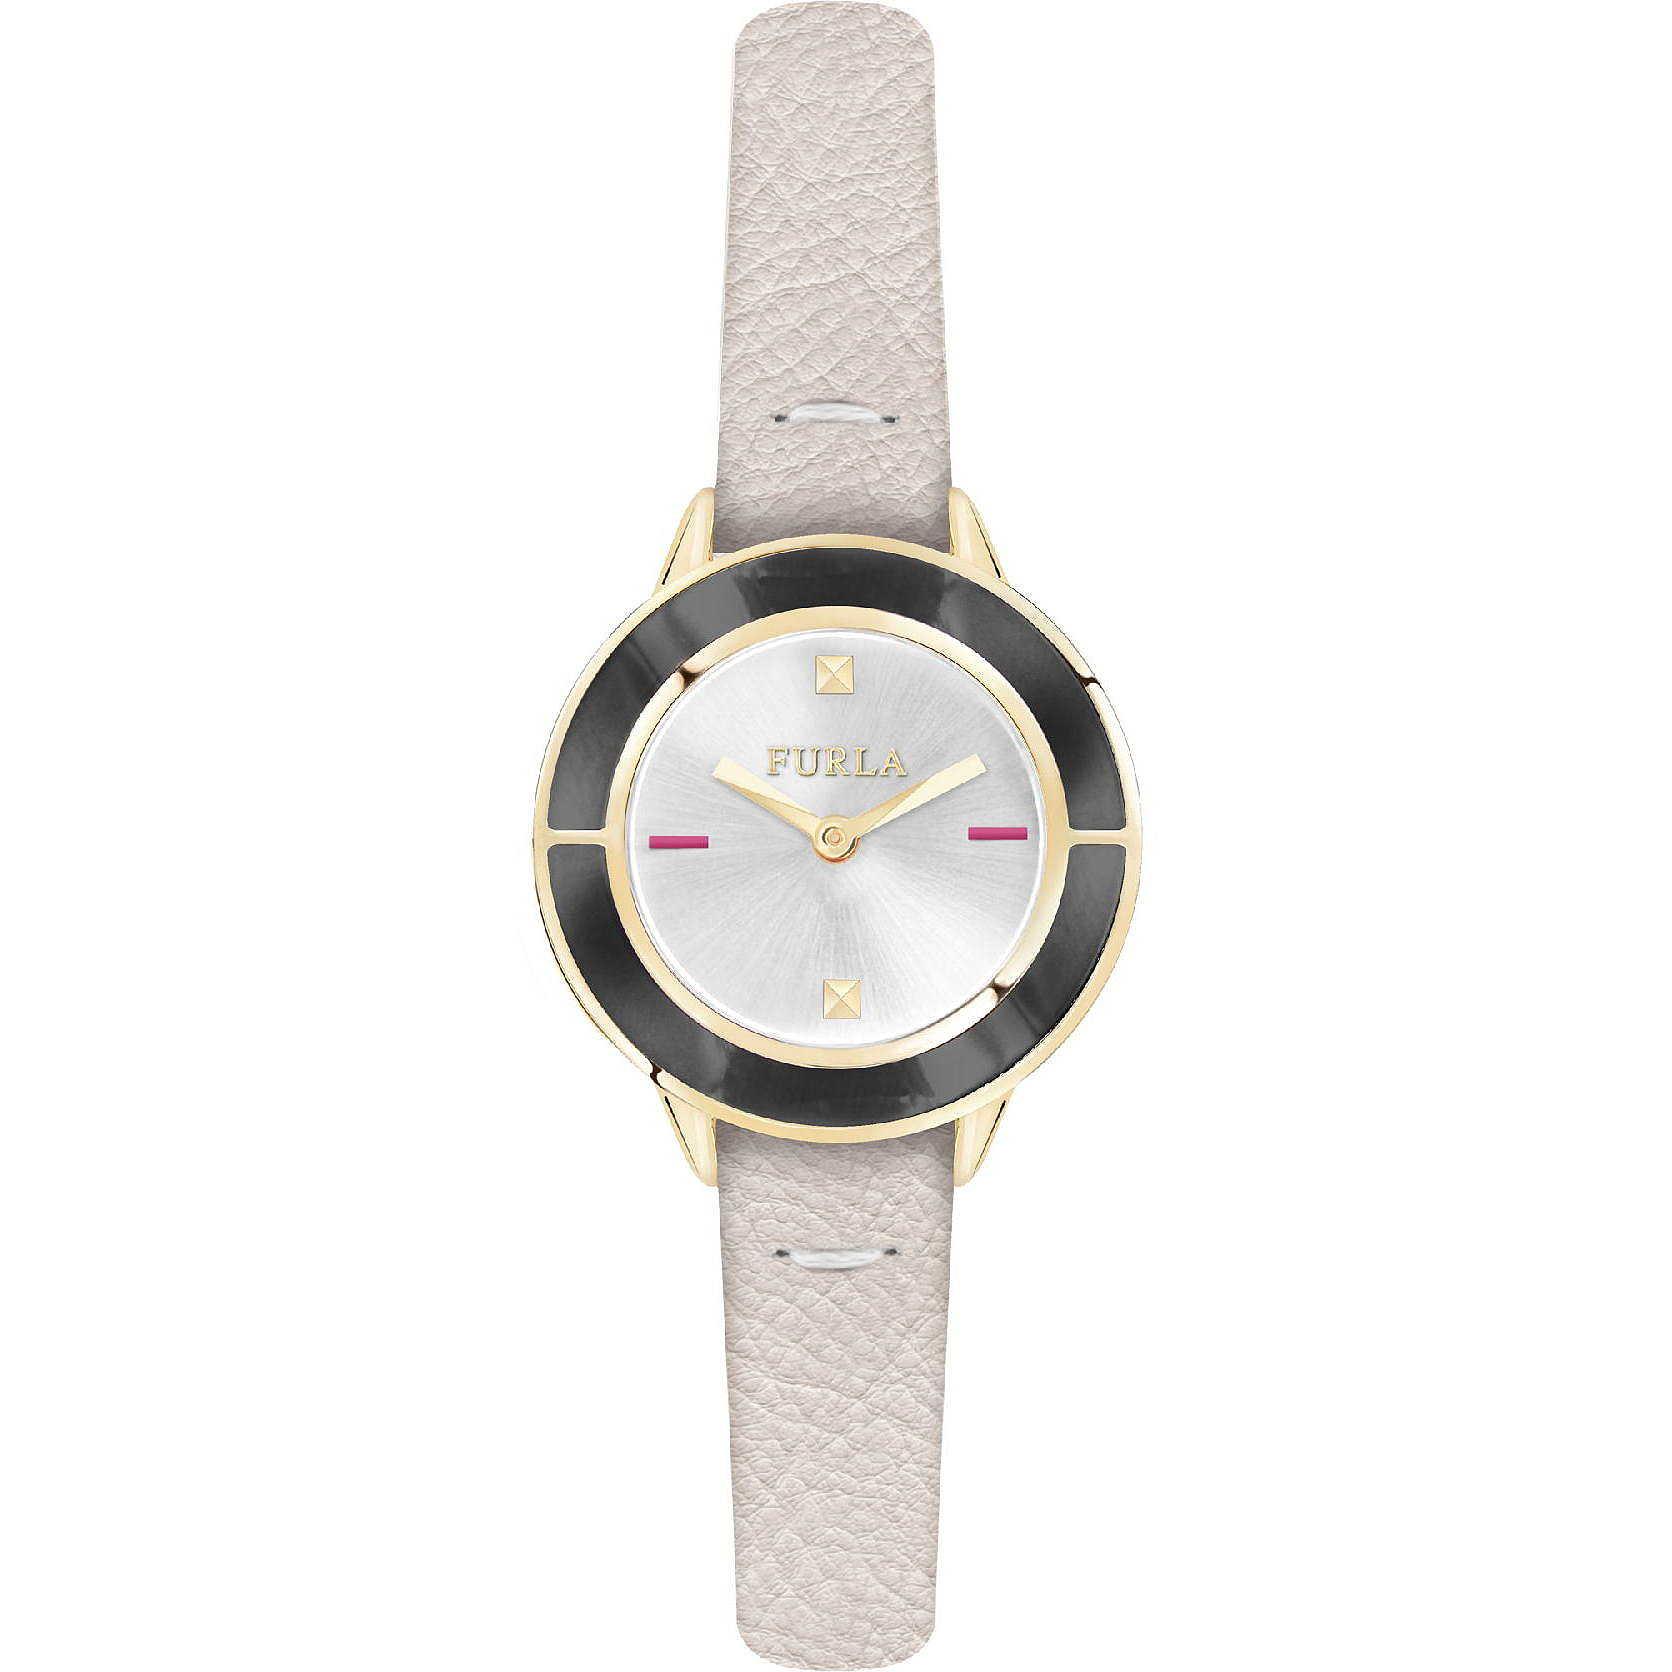 6fcf15d0a86 montre seul le temps femme Furla Club R4251109511 seul le temps Furla